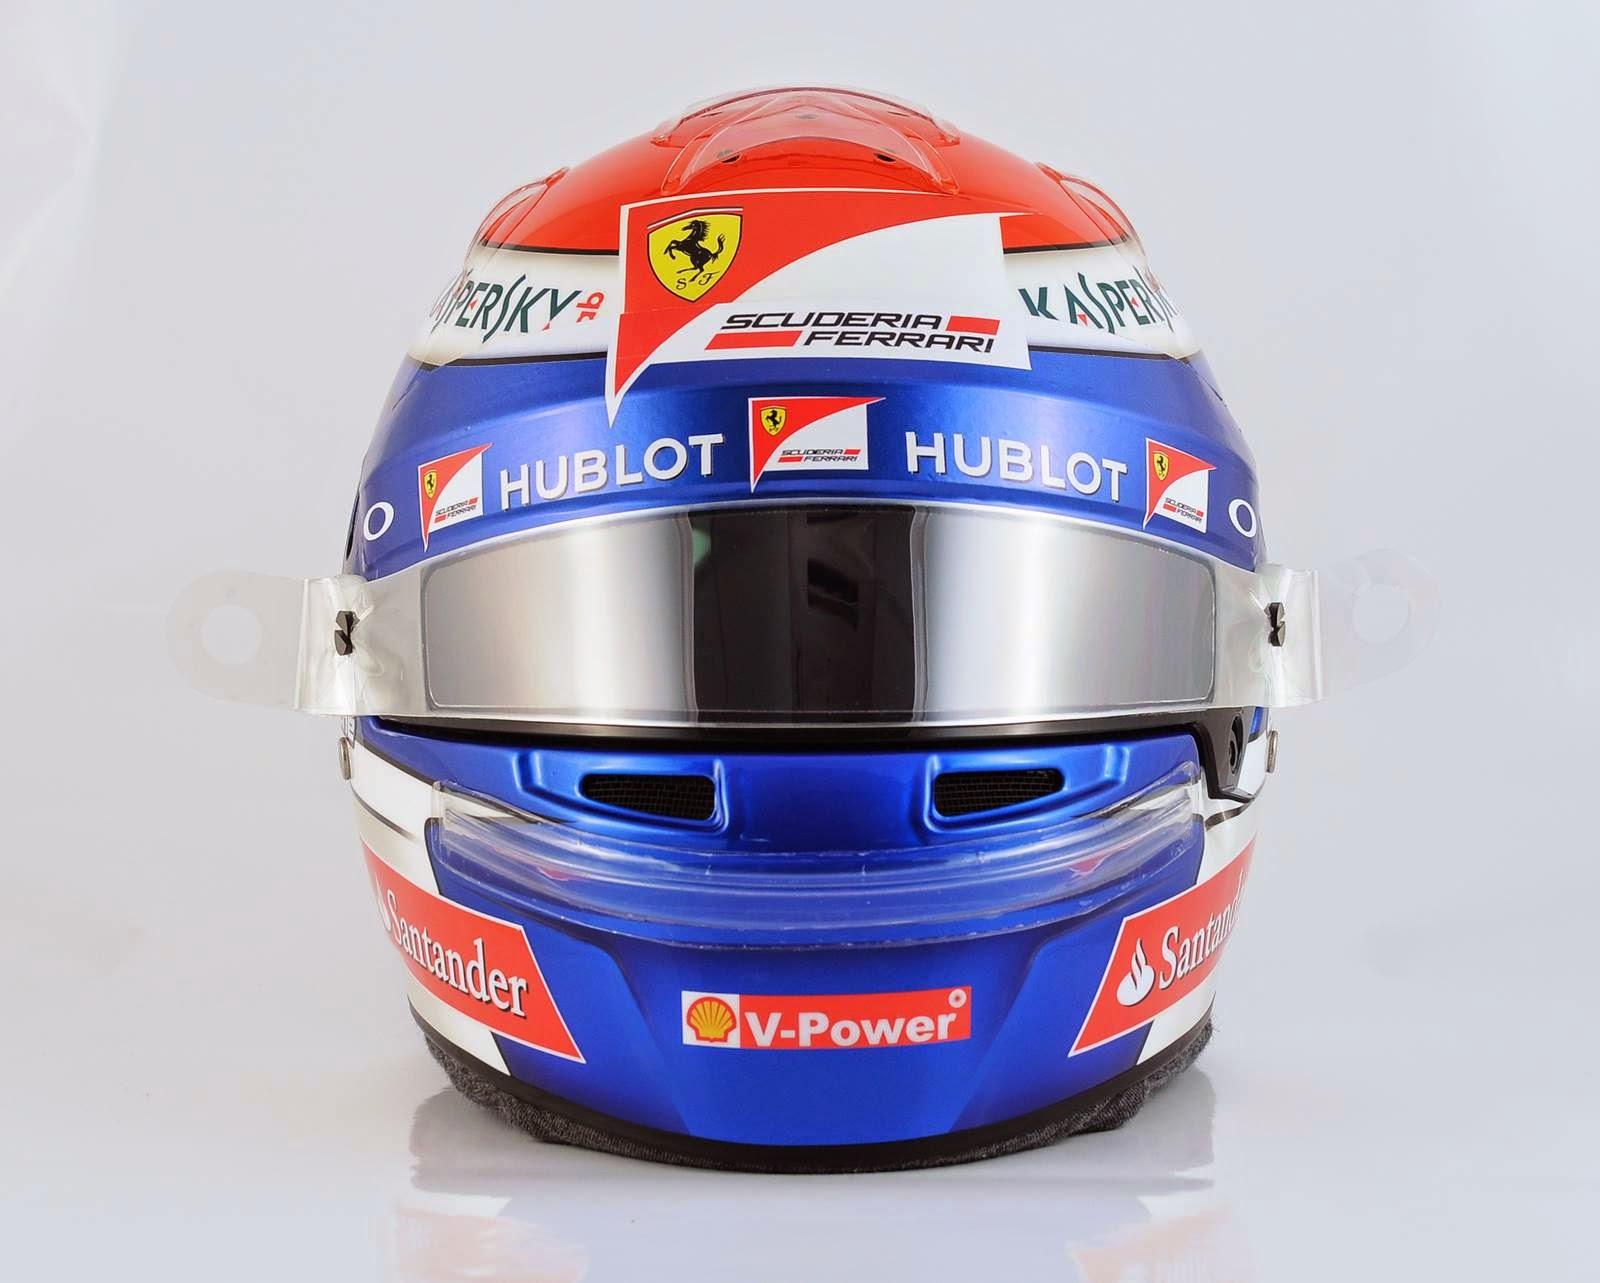 Racing Helmets Garage Bell Hp7 M Gene 2015 By Bell Racing Europe